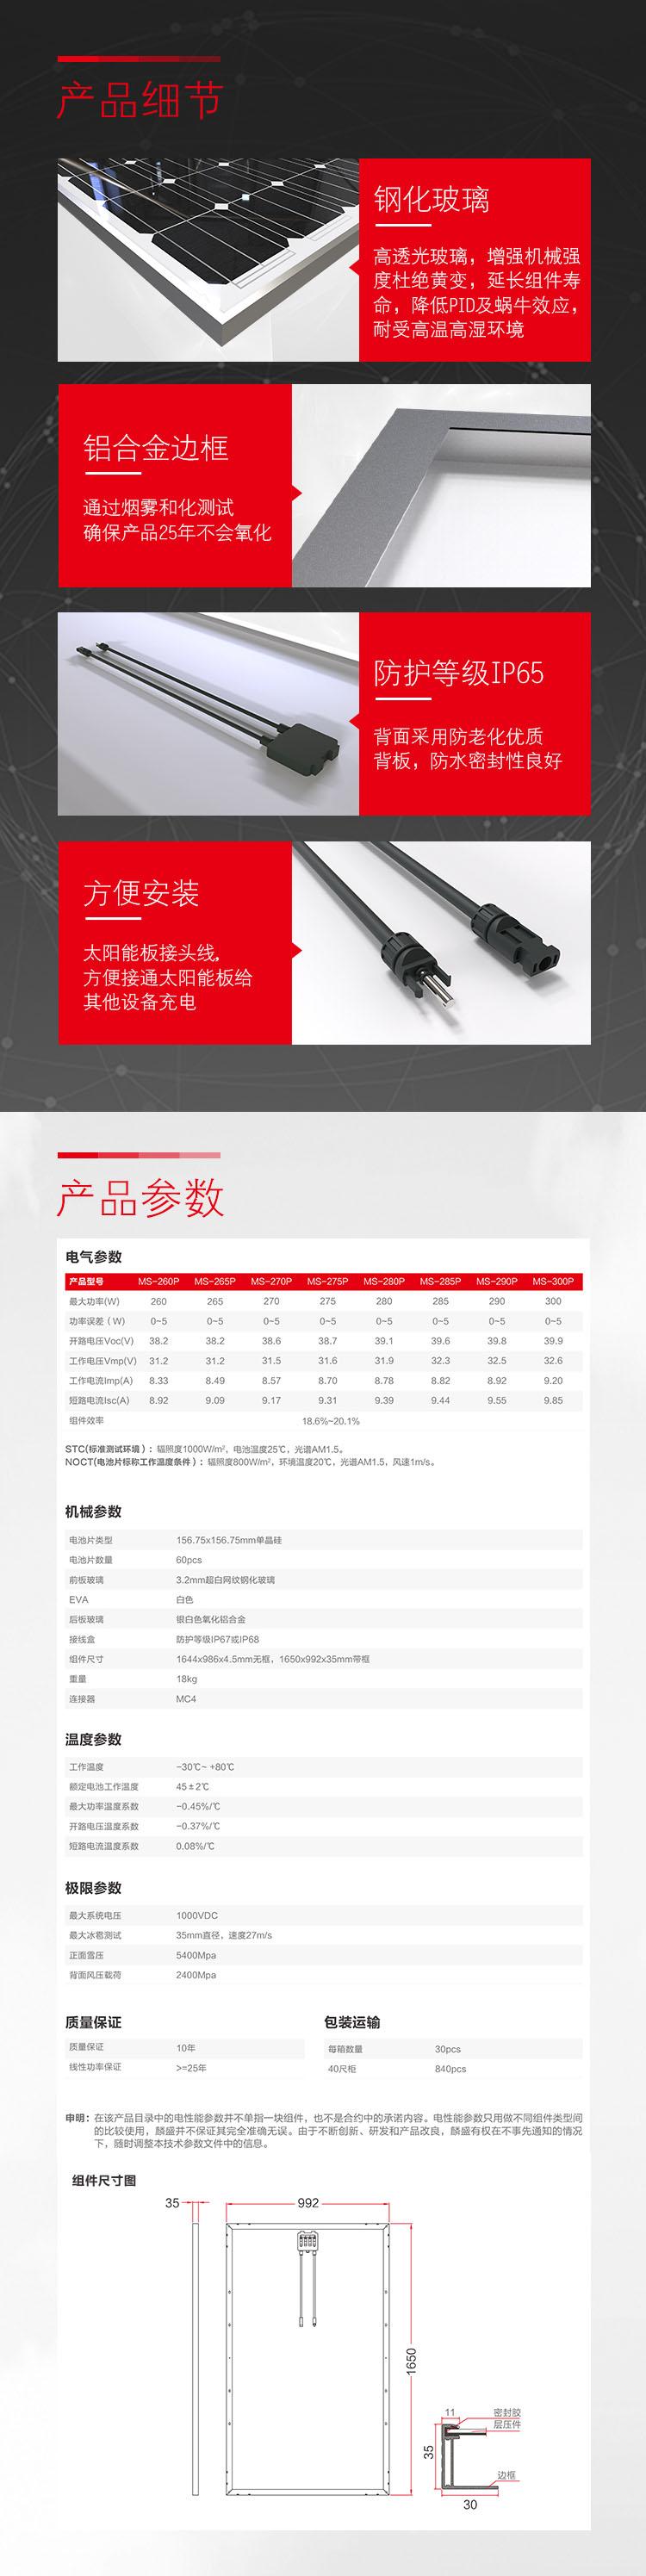 LEADSUN單晶60片太陽能板詳情頁-750-1-2.jpg